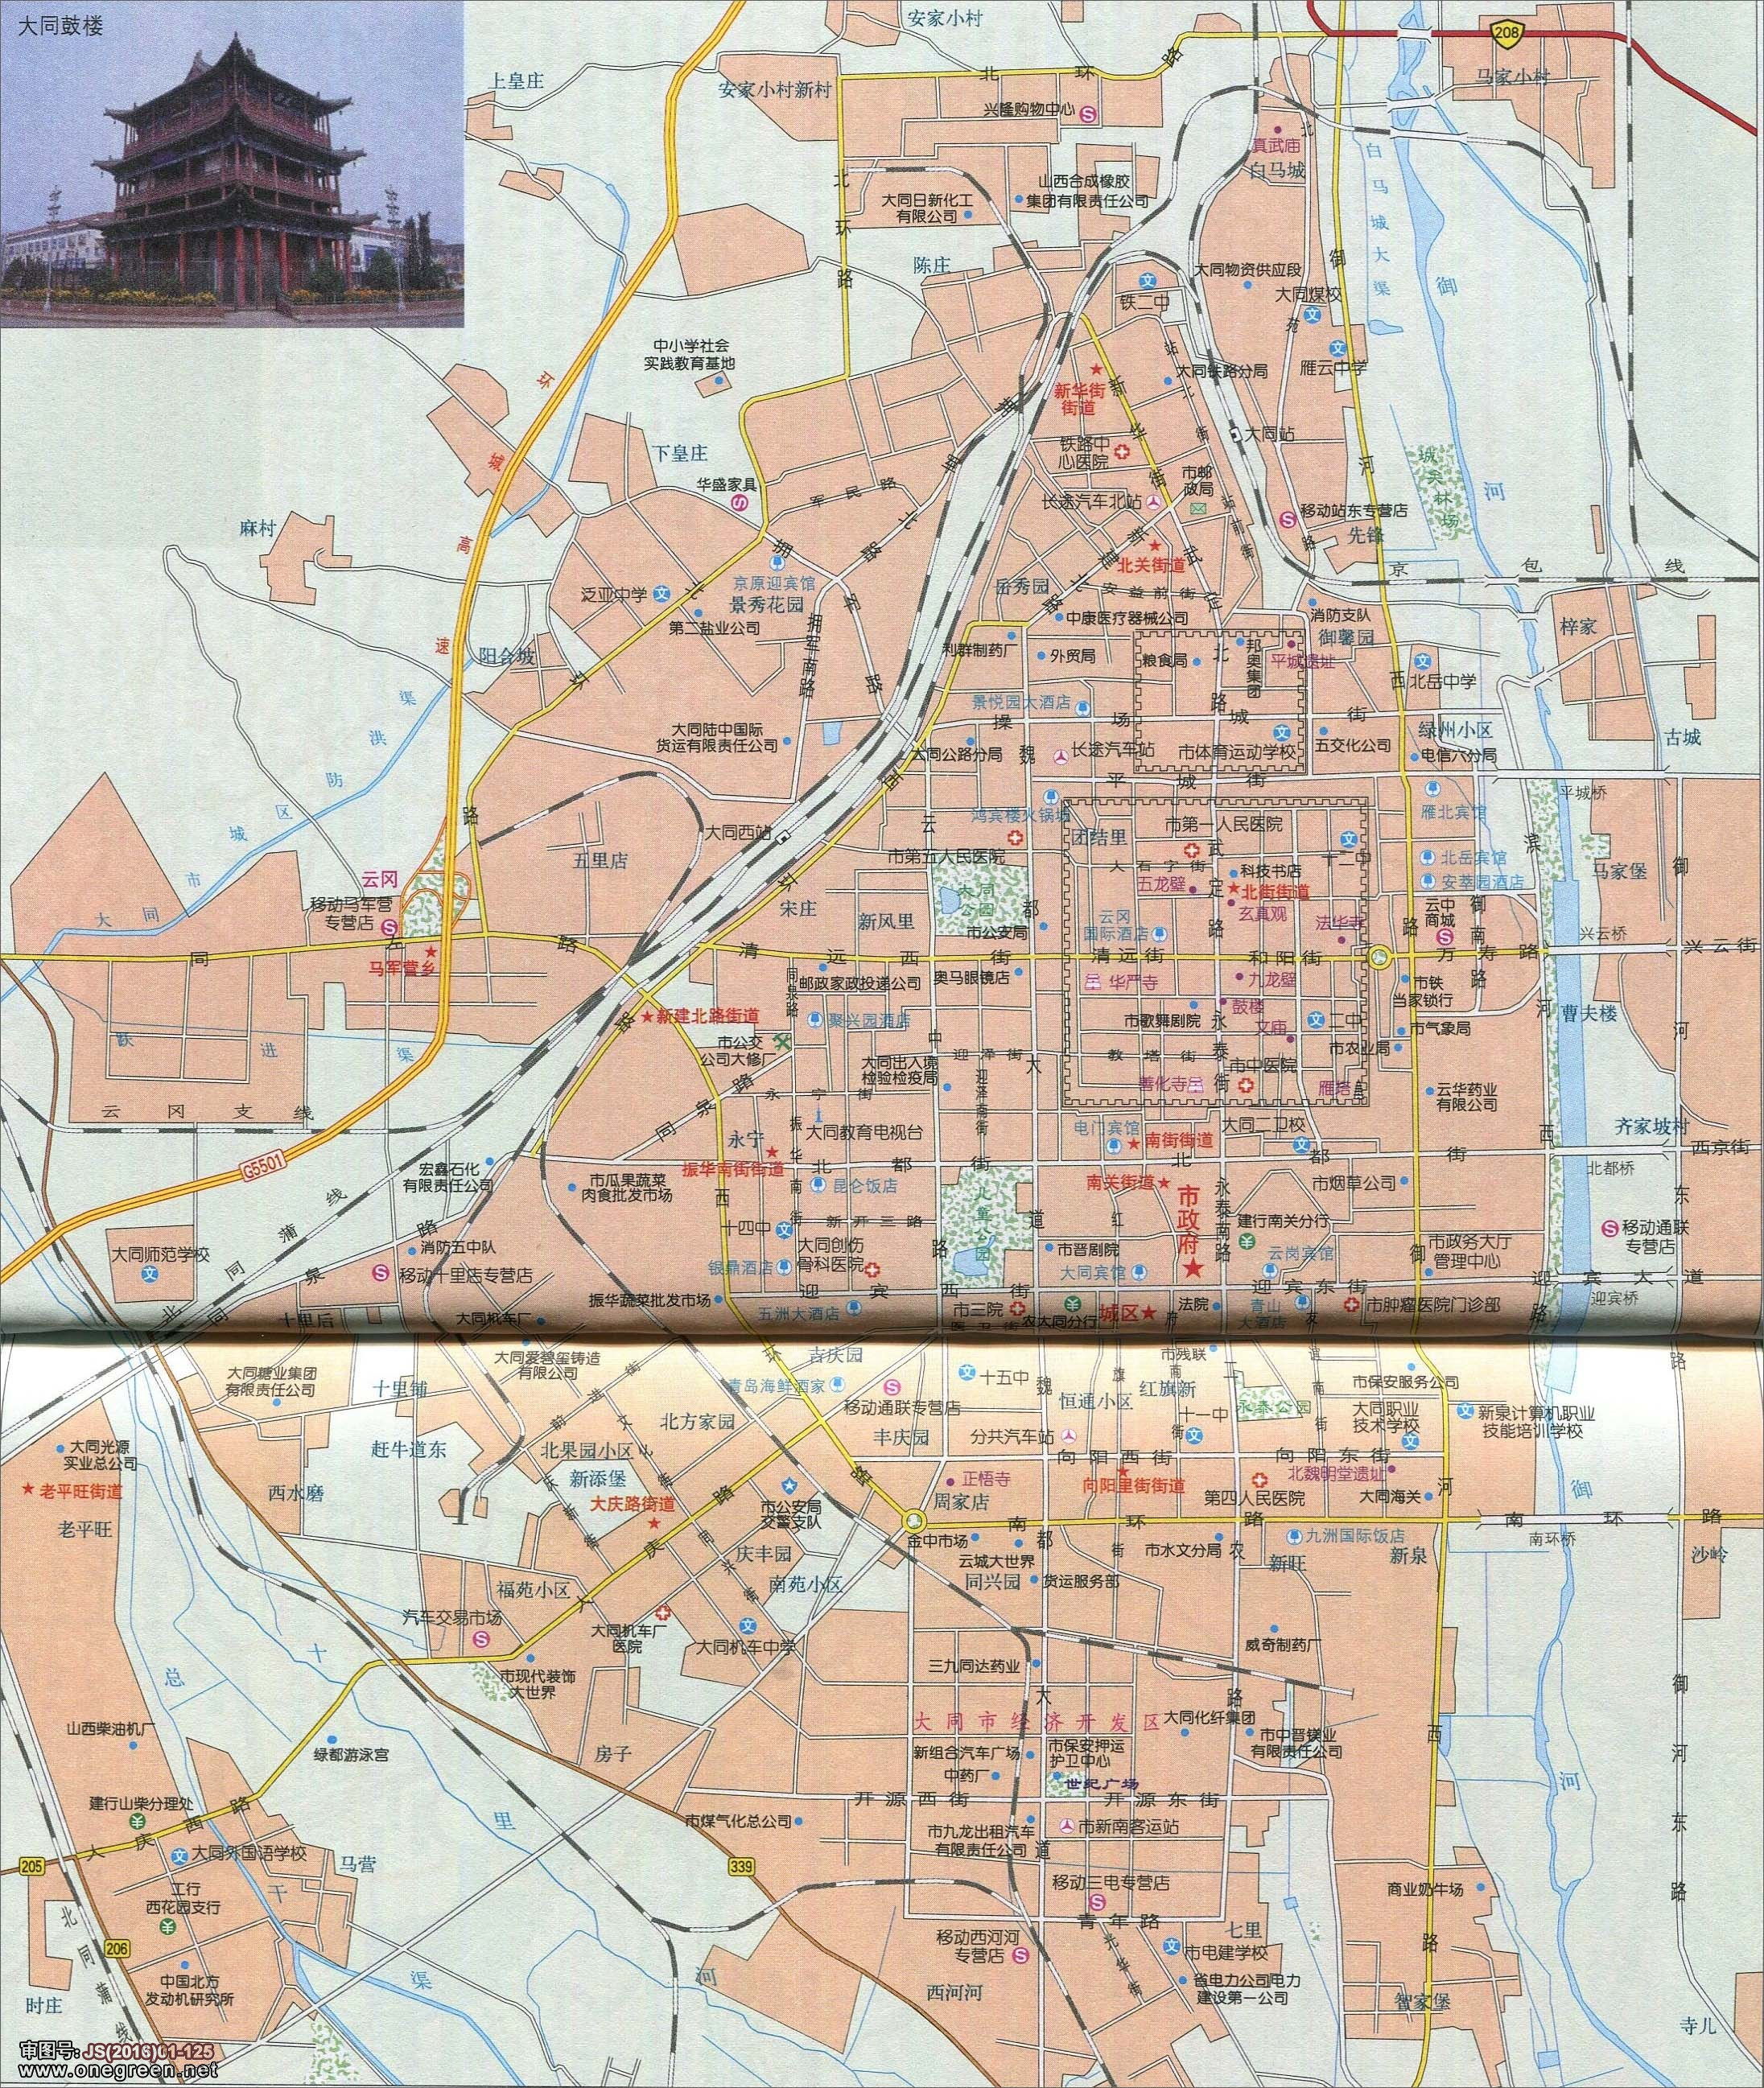 大同市城区地图